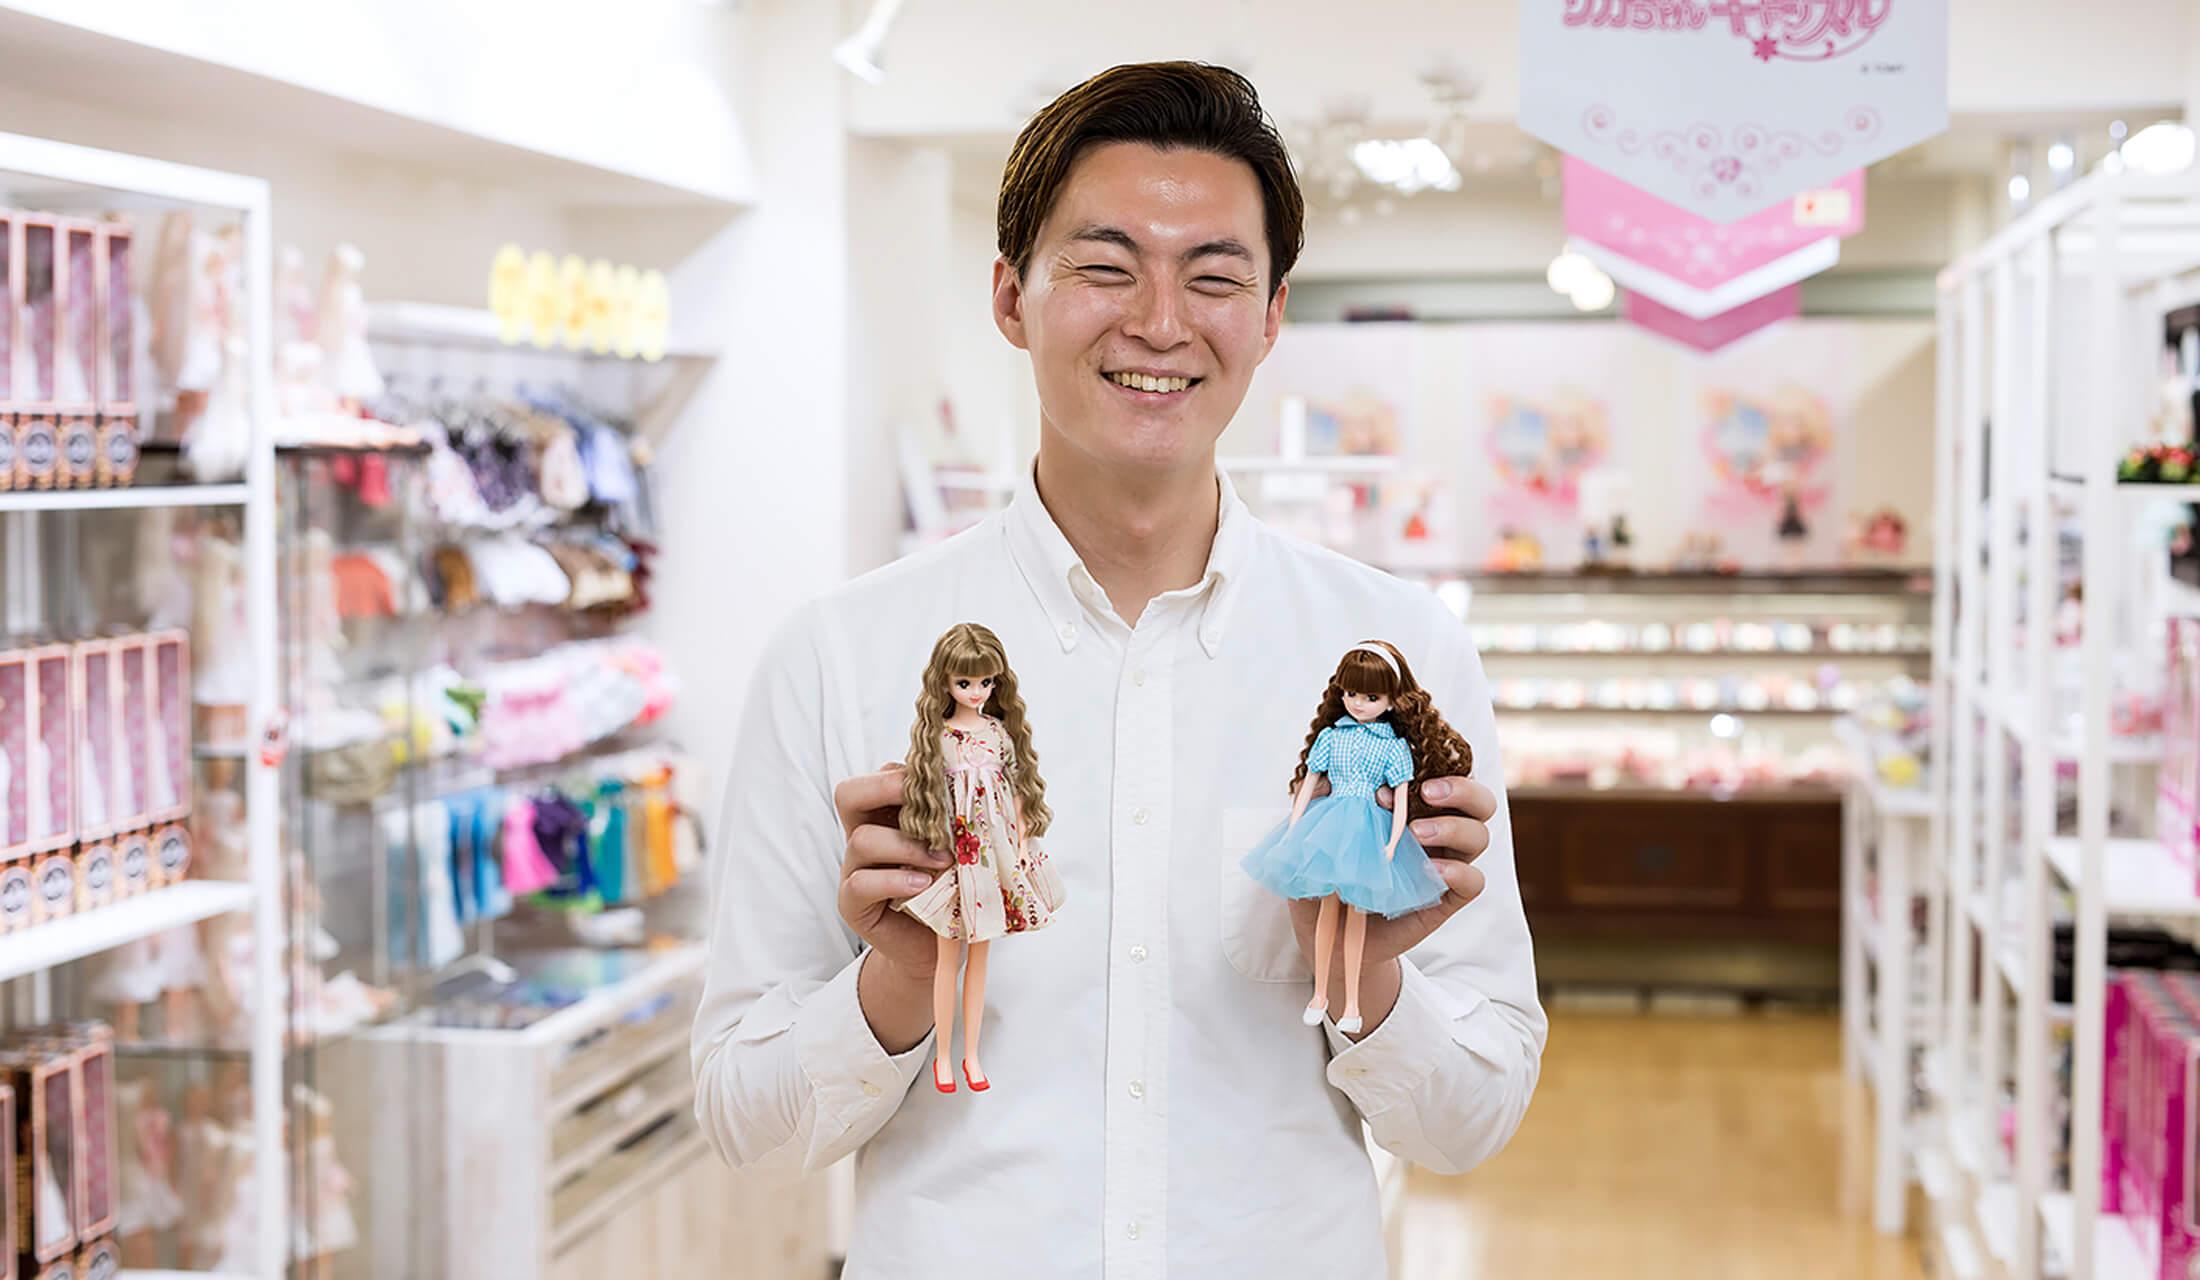 日本橋の「リカちゃんキャッスルのちいさなおみせ」の男性スタッフである広瀬和哉さんがご自身でデザインした服を着せたリカちゃんと、ジェニーを手に持っている